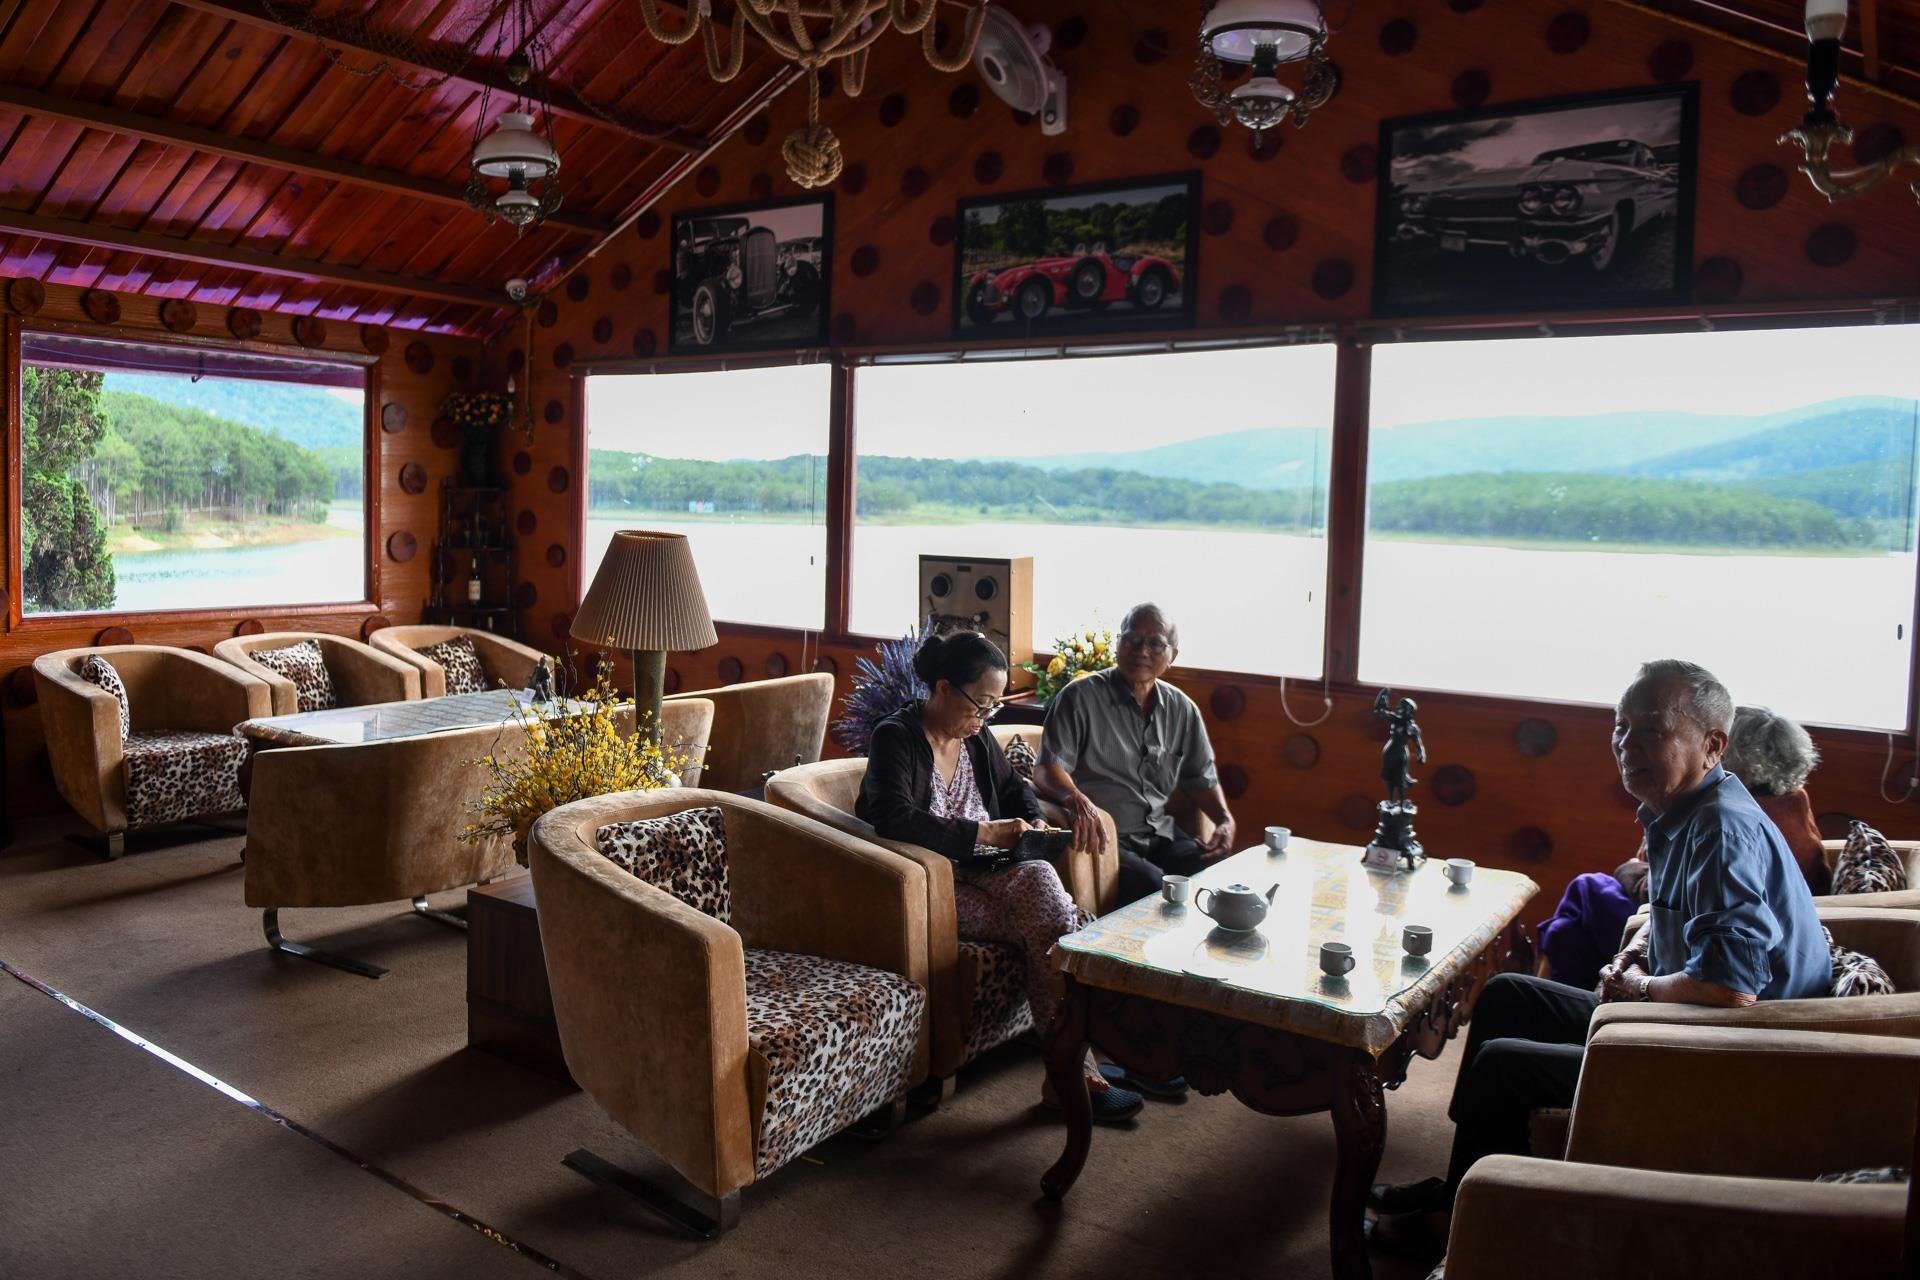 Nhiều dự án bất động sản sai phạm 'bao vây' hồ Tuyền Lâm ở Đà Lạt - Ảnh 12.